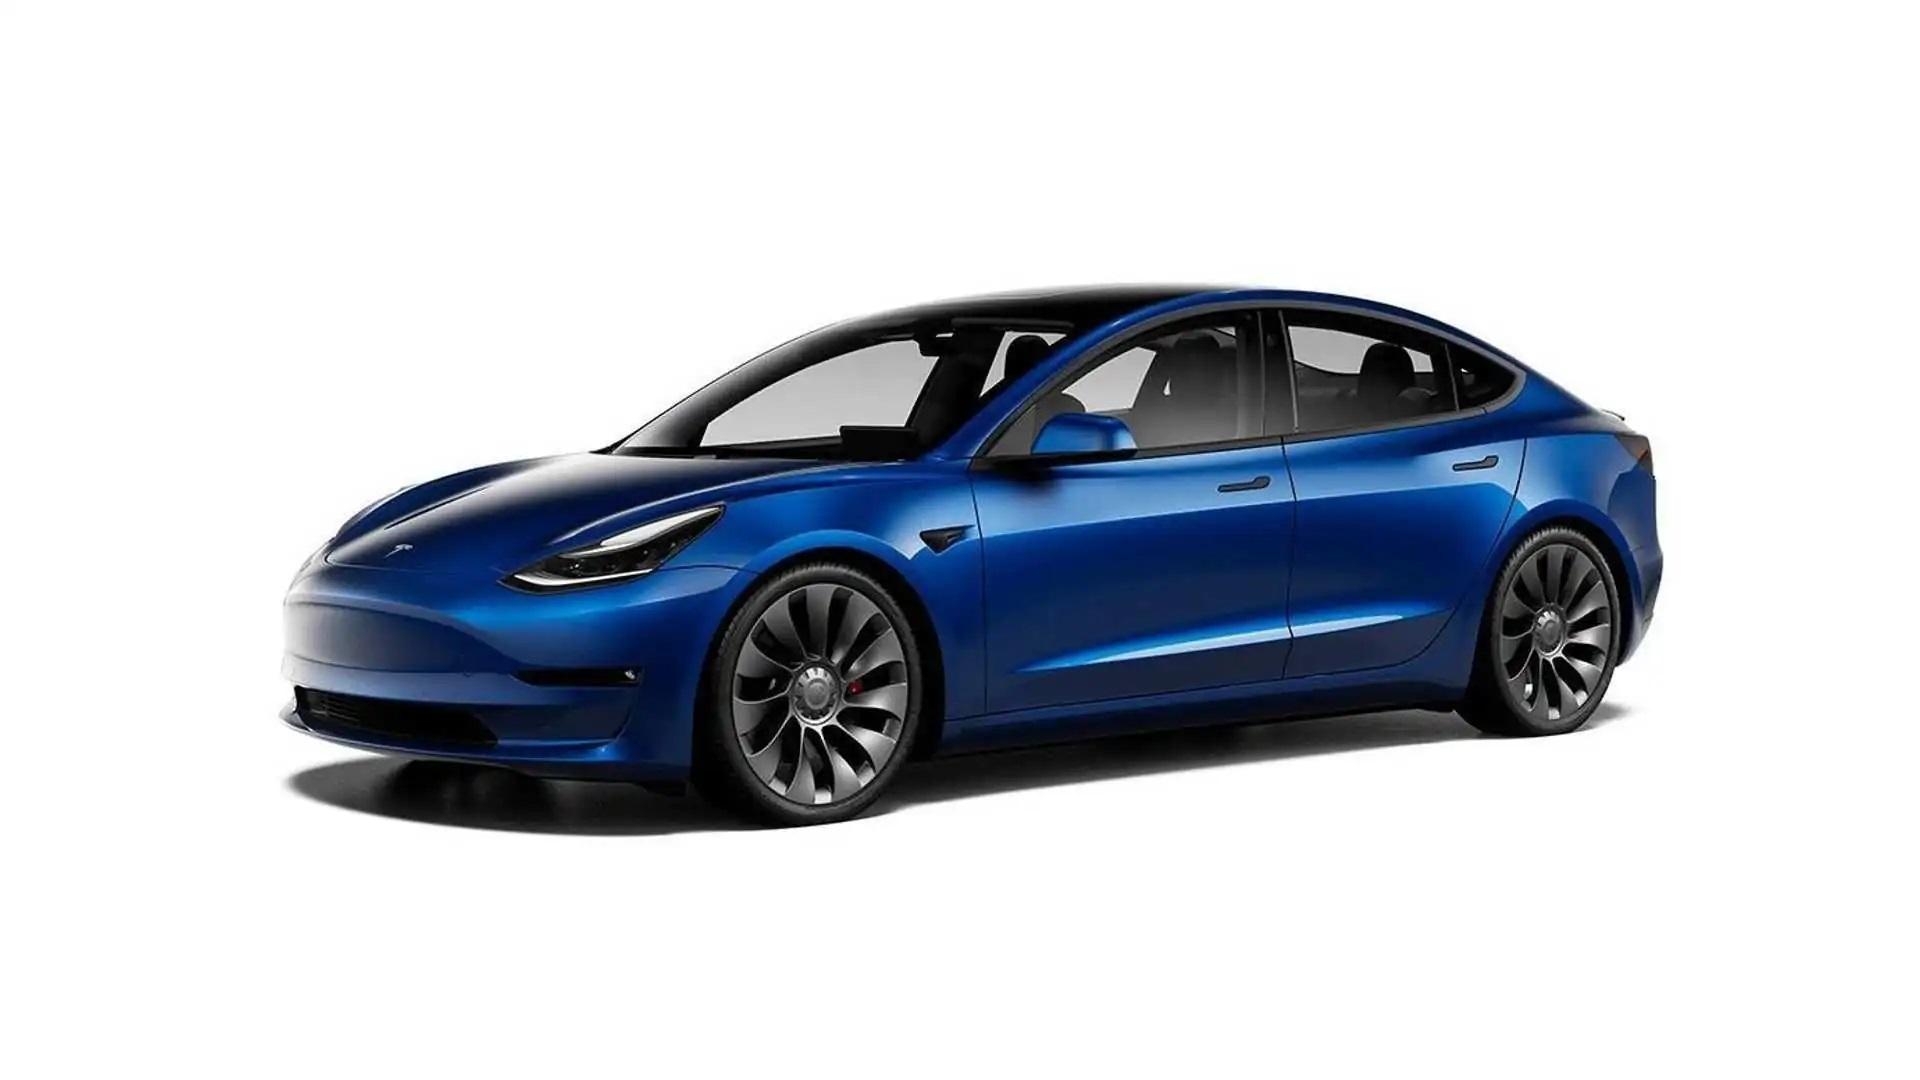 إيلون ماسك يكشف عن وصول ميزة القيادة الذاتية الكاملة لأصحاب سيارات Tesla